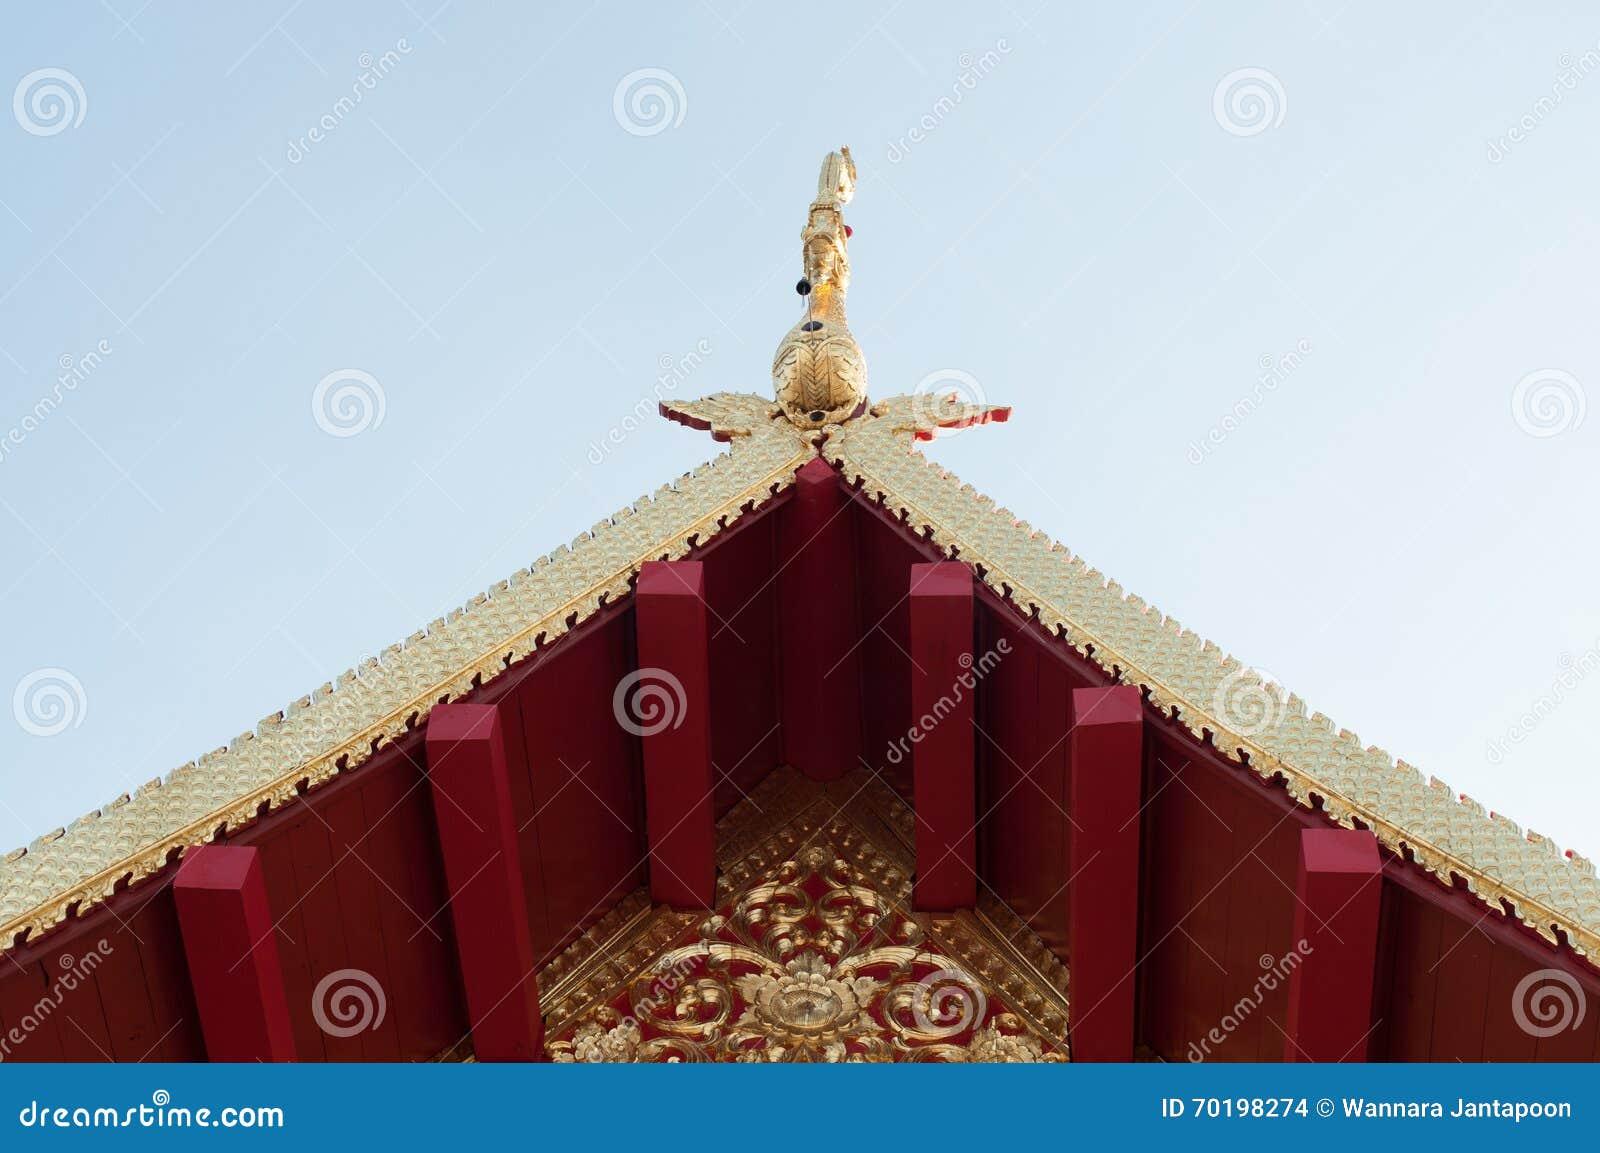 Wat JomJor Chiang Rai, Thailand